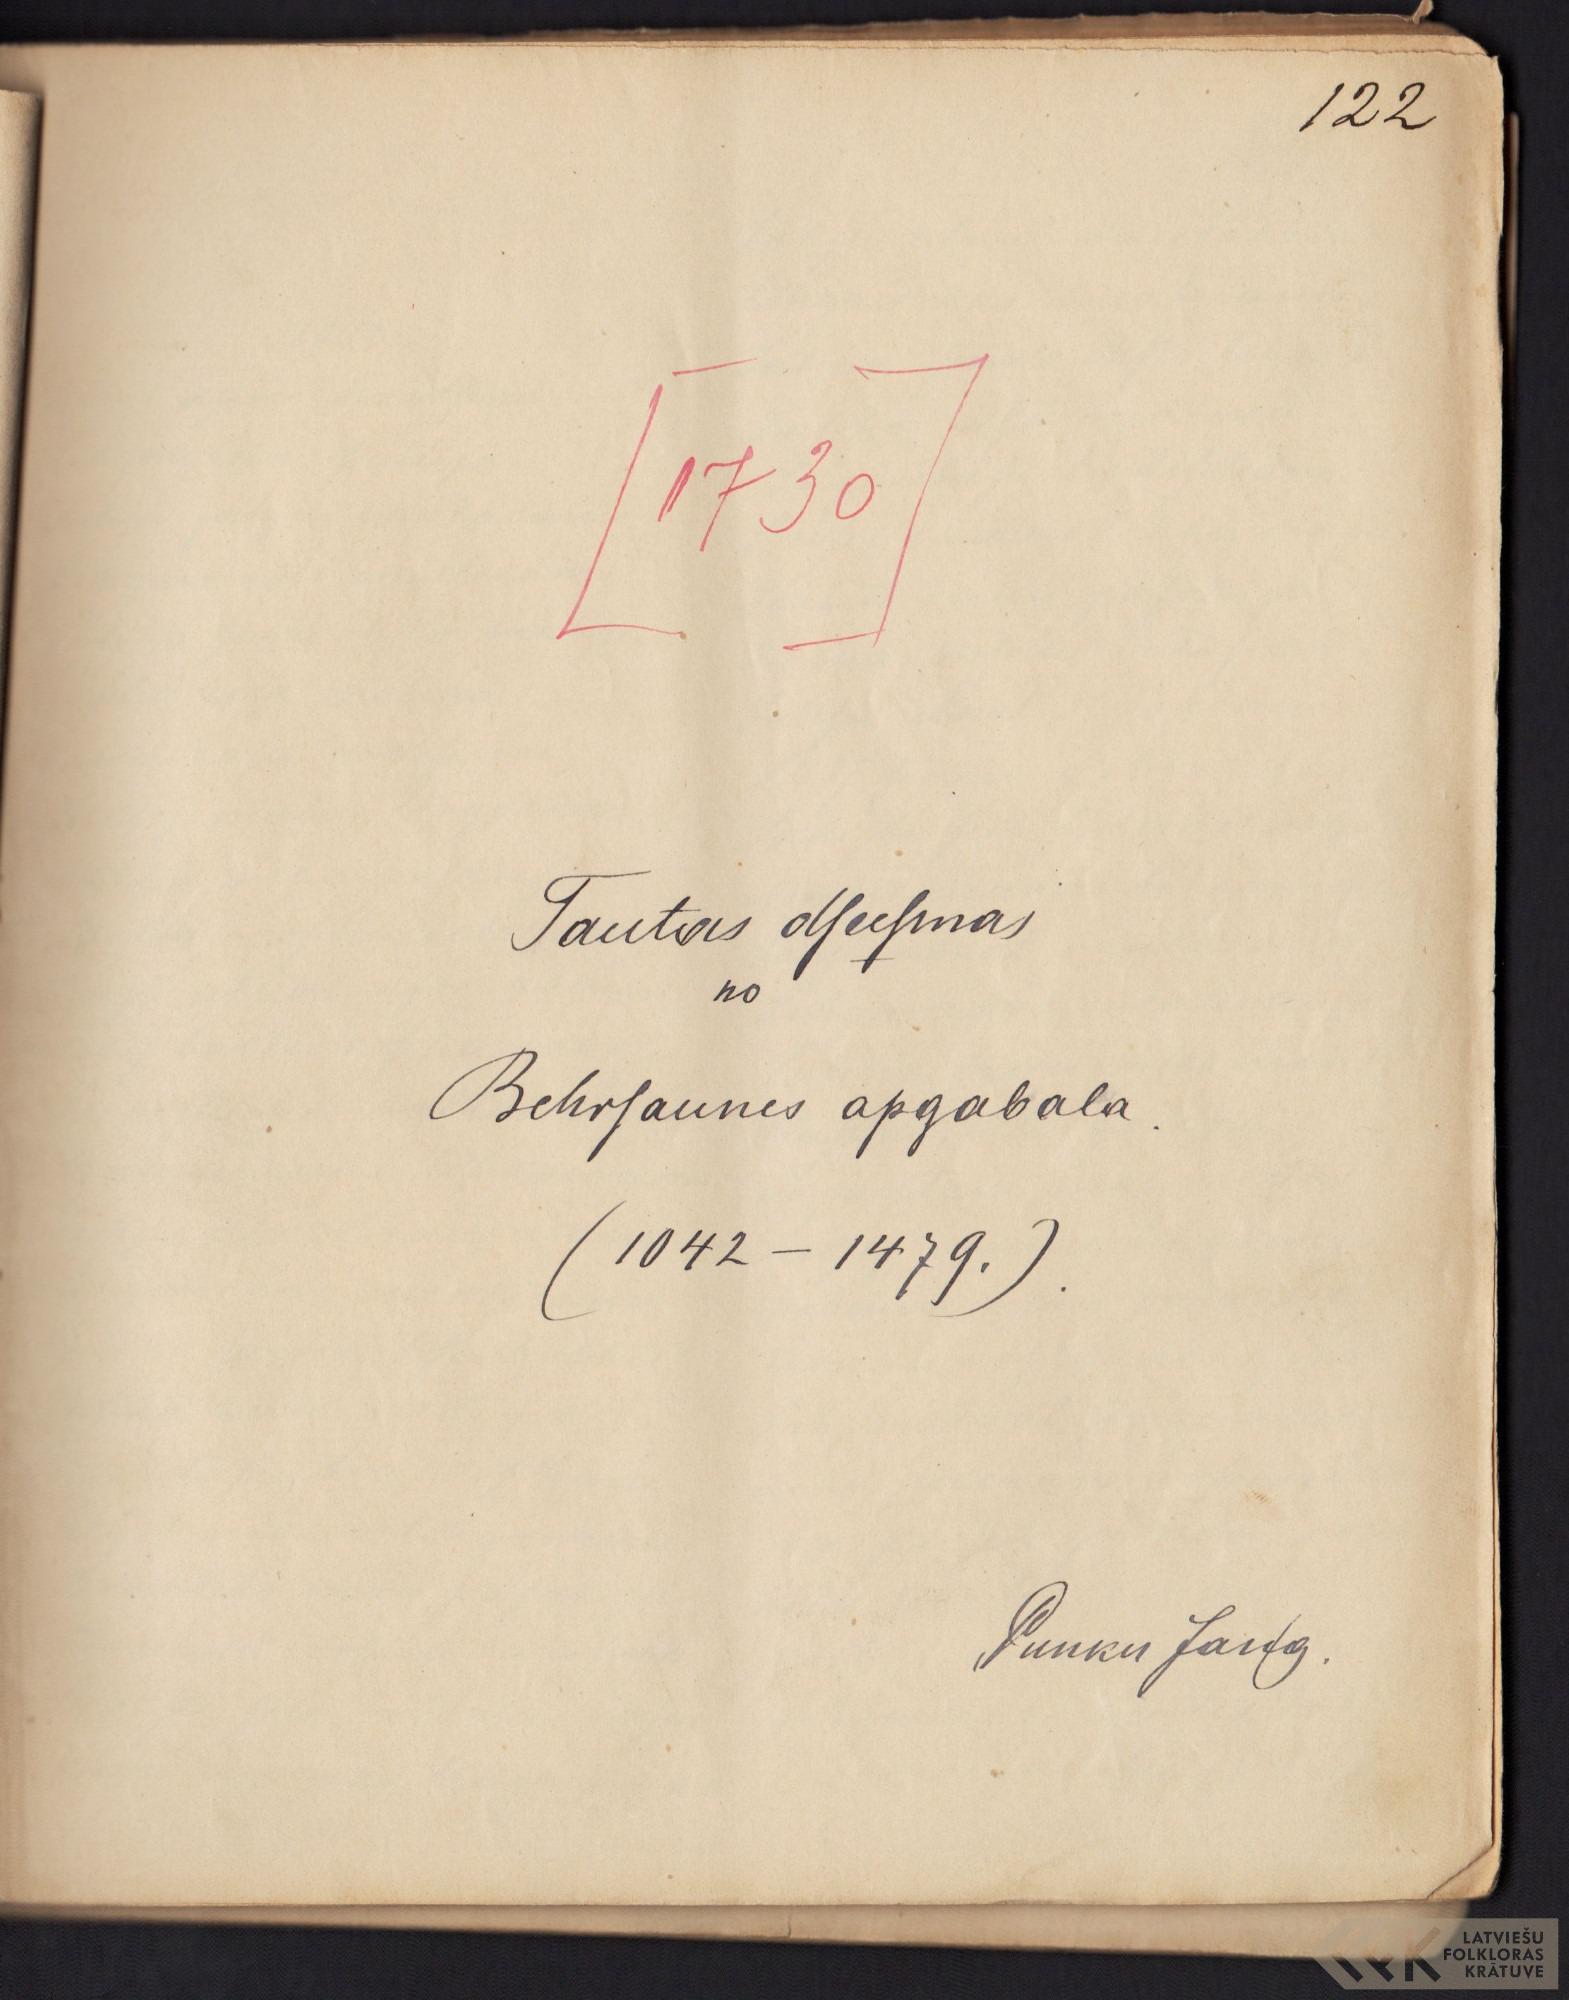 1730-Rigas-Latviesu-biedriba-13-0207